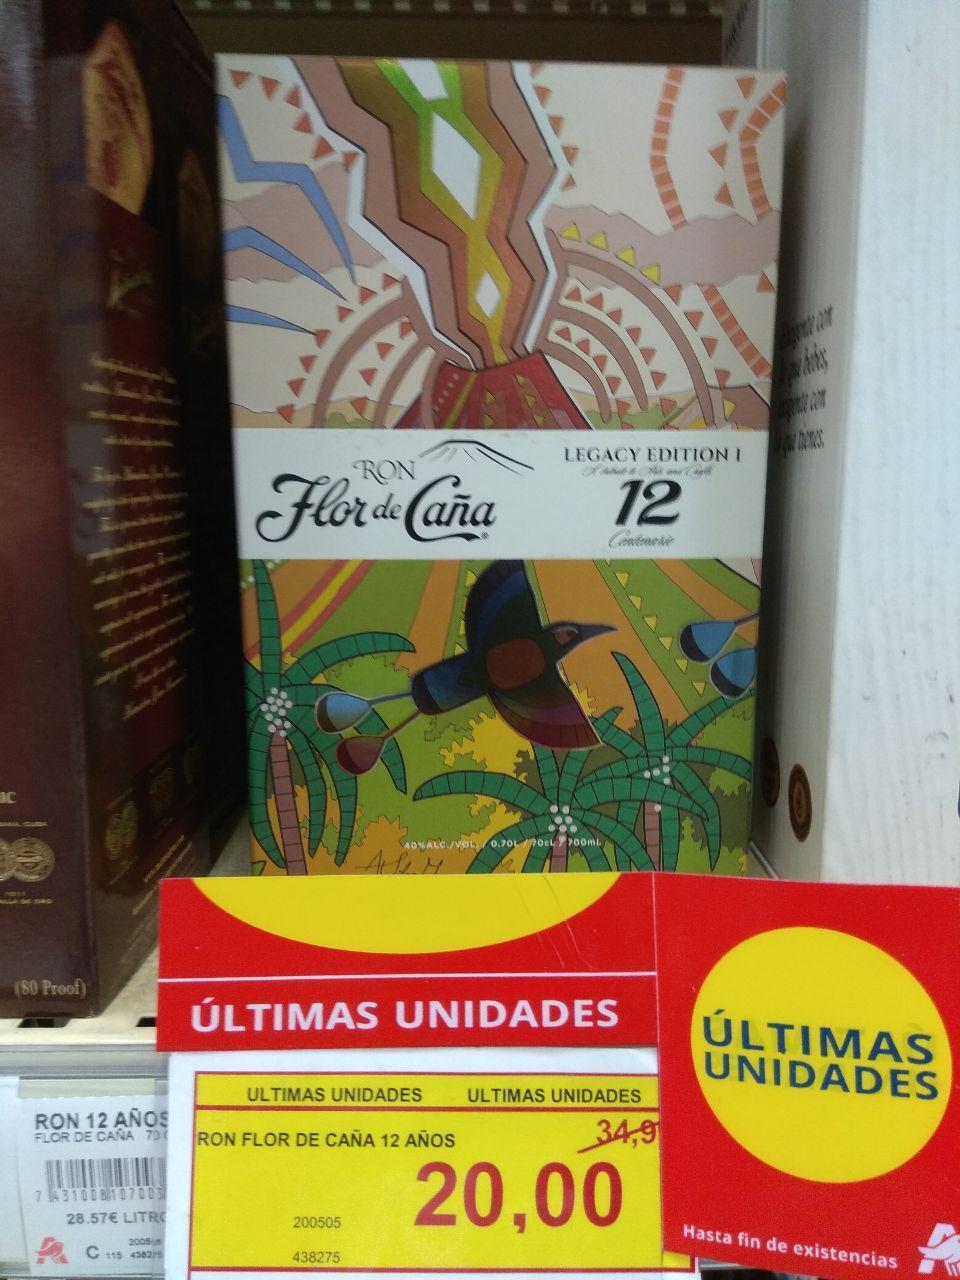 Ron Flor de Caña 12 años Legacy Edition (Alcampo Alcorcón Parque Oeste)